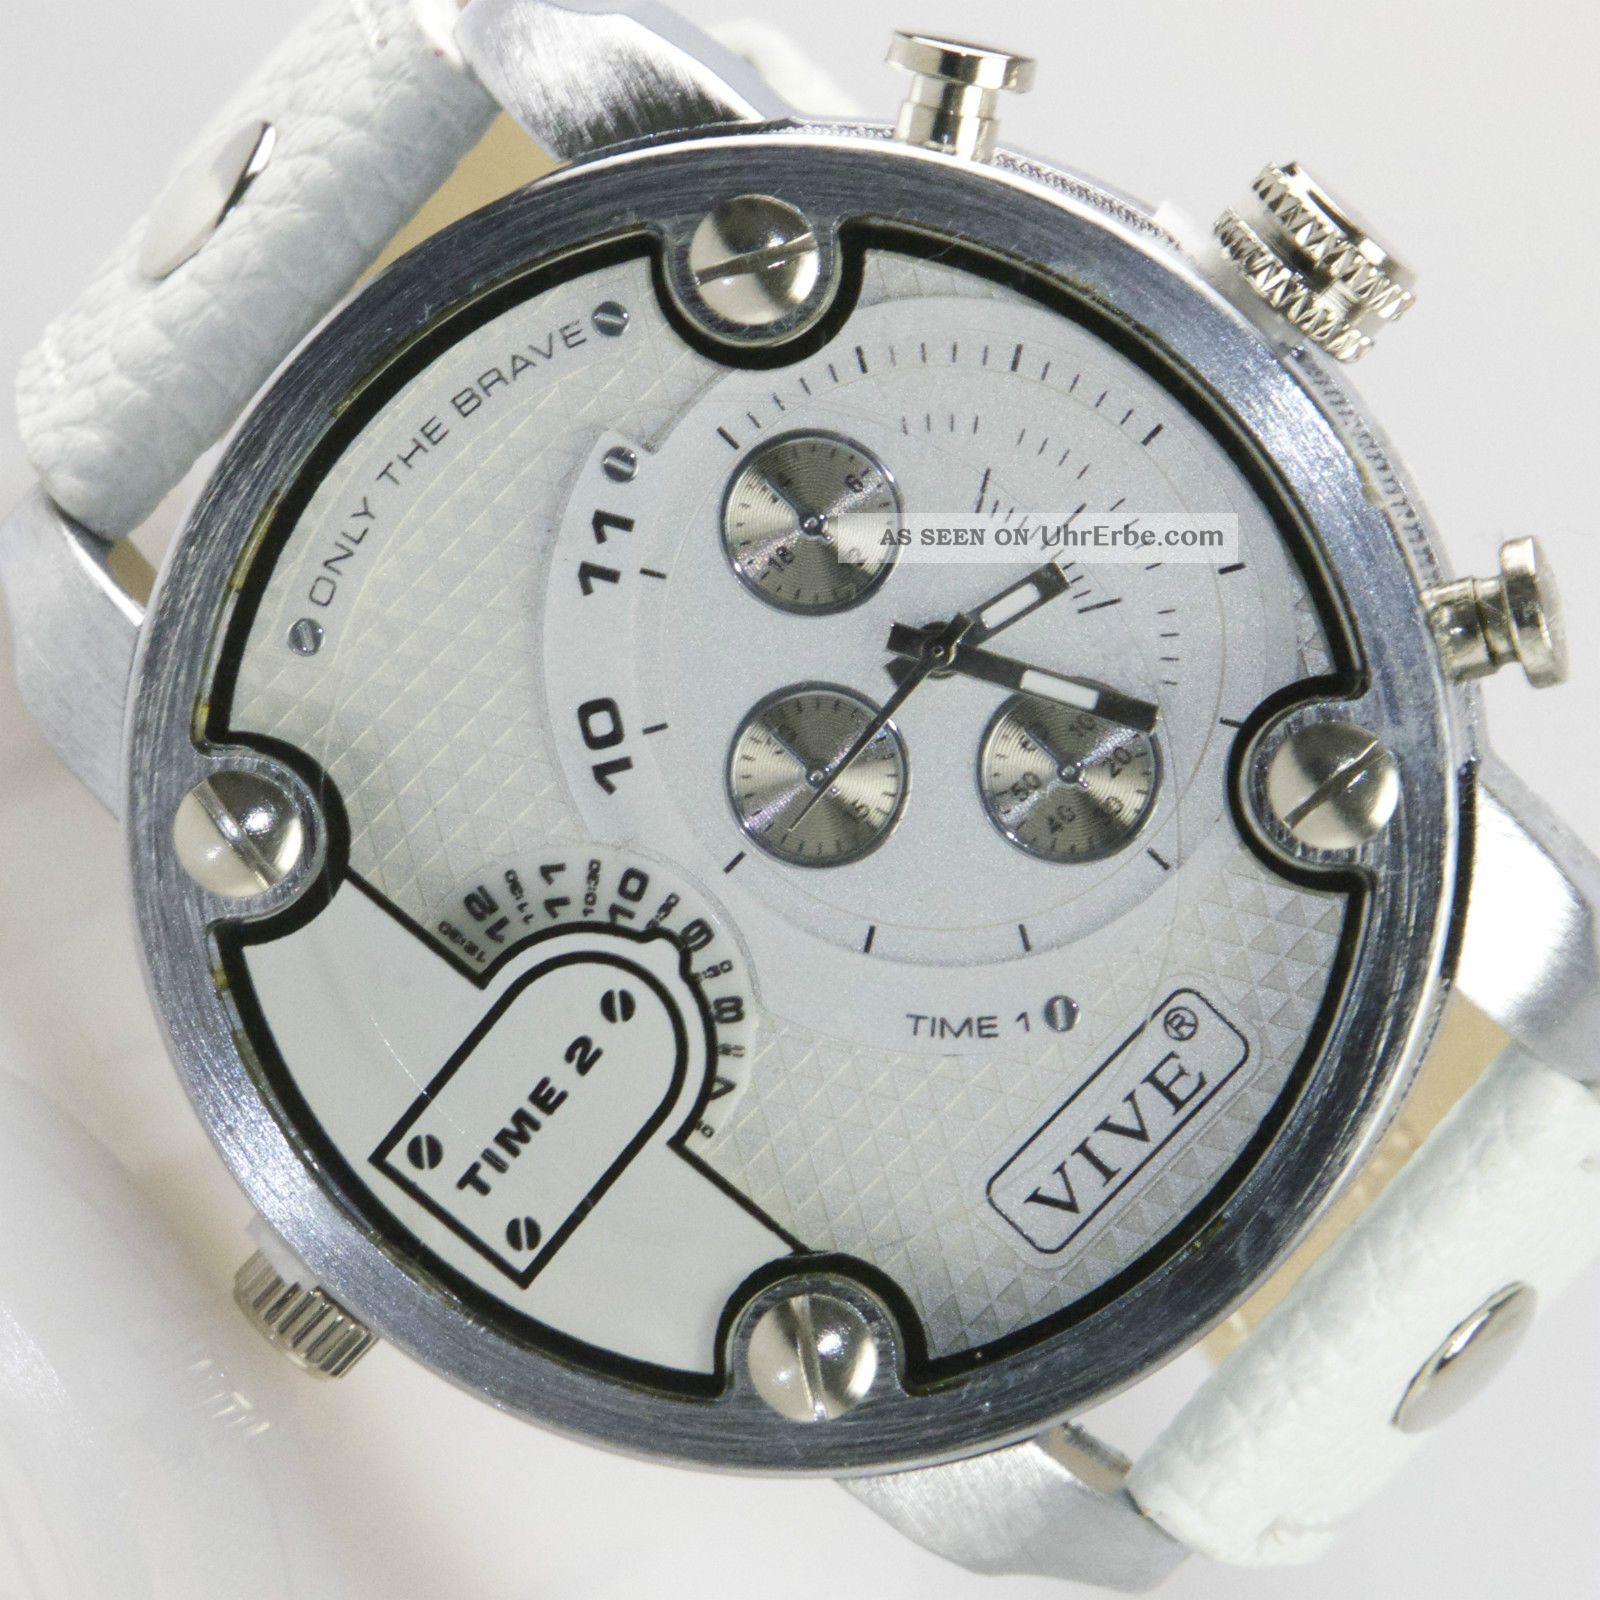 Entzückend Xxl Uhren Foto Von Herren Vive Armbanduhr Lederband Silber Weiß Watch